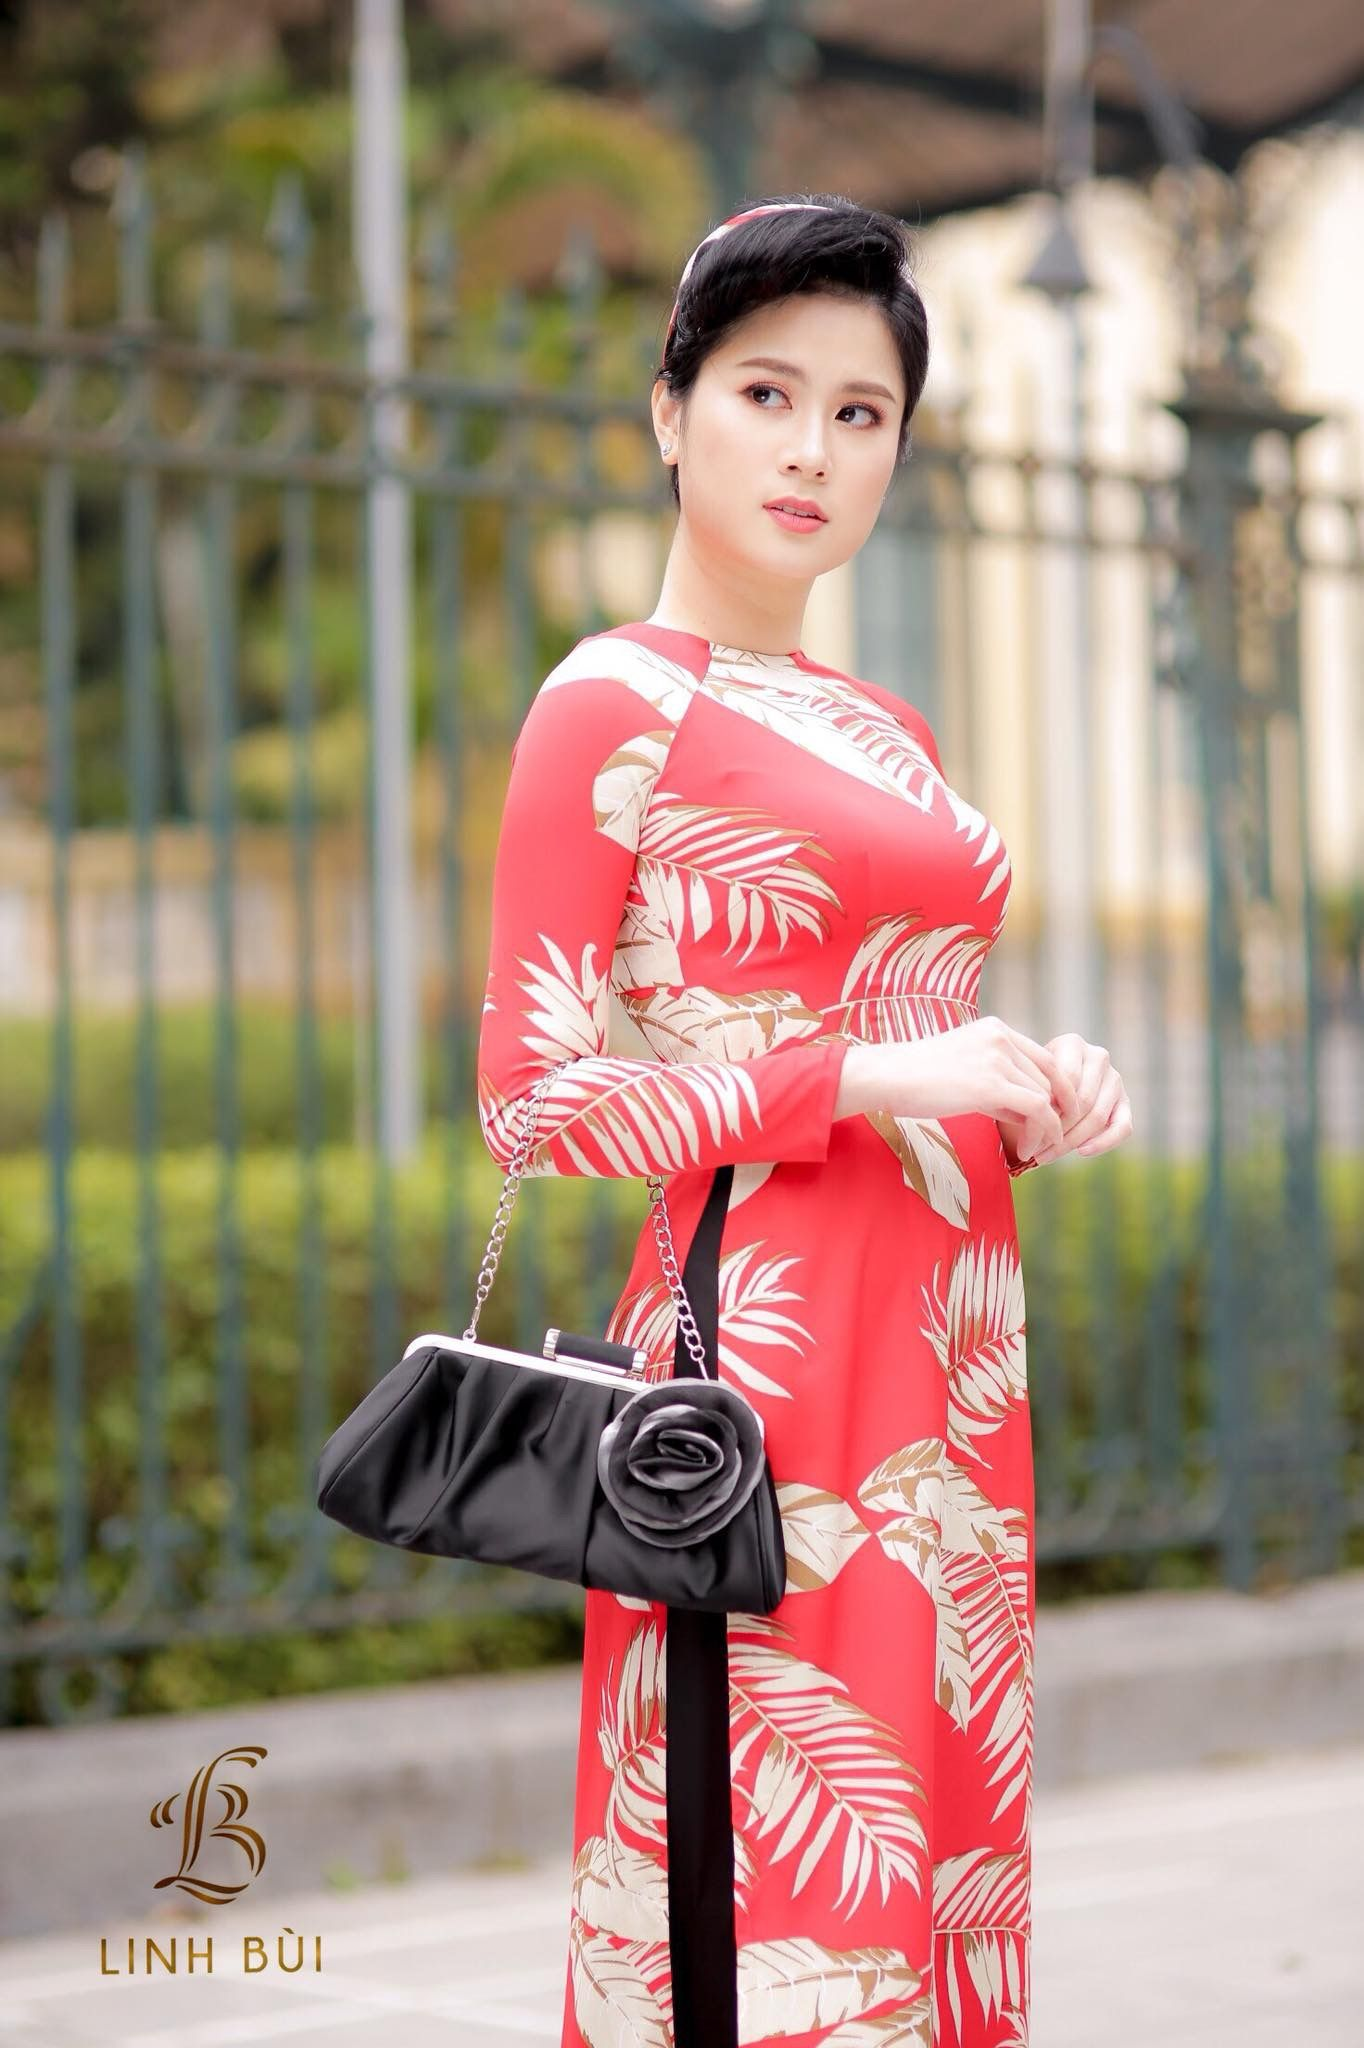 Bui Linh Phuong - Ao Dai by Linh Bui | mua xuan | Pinterest | Free